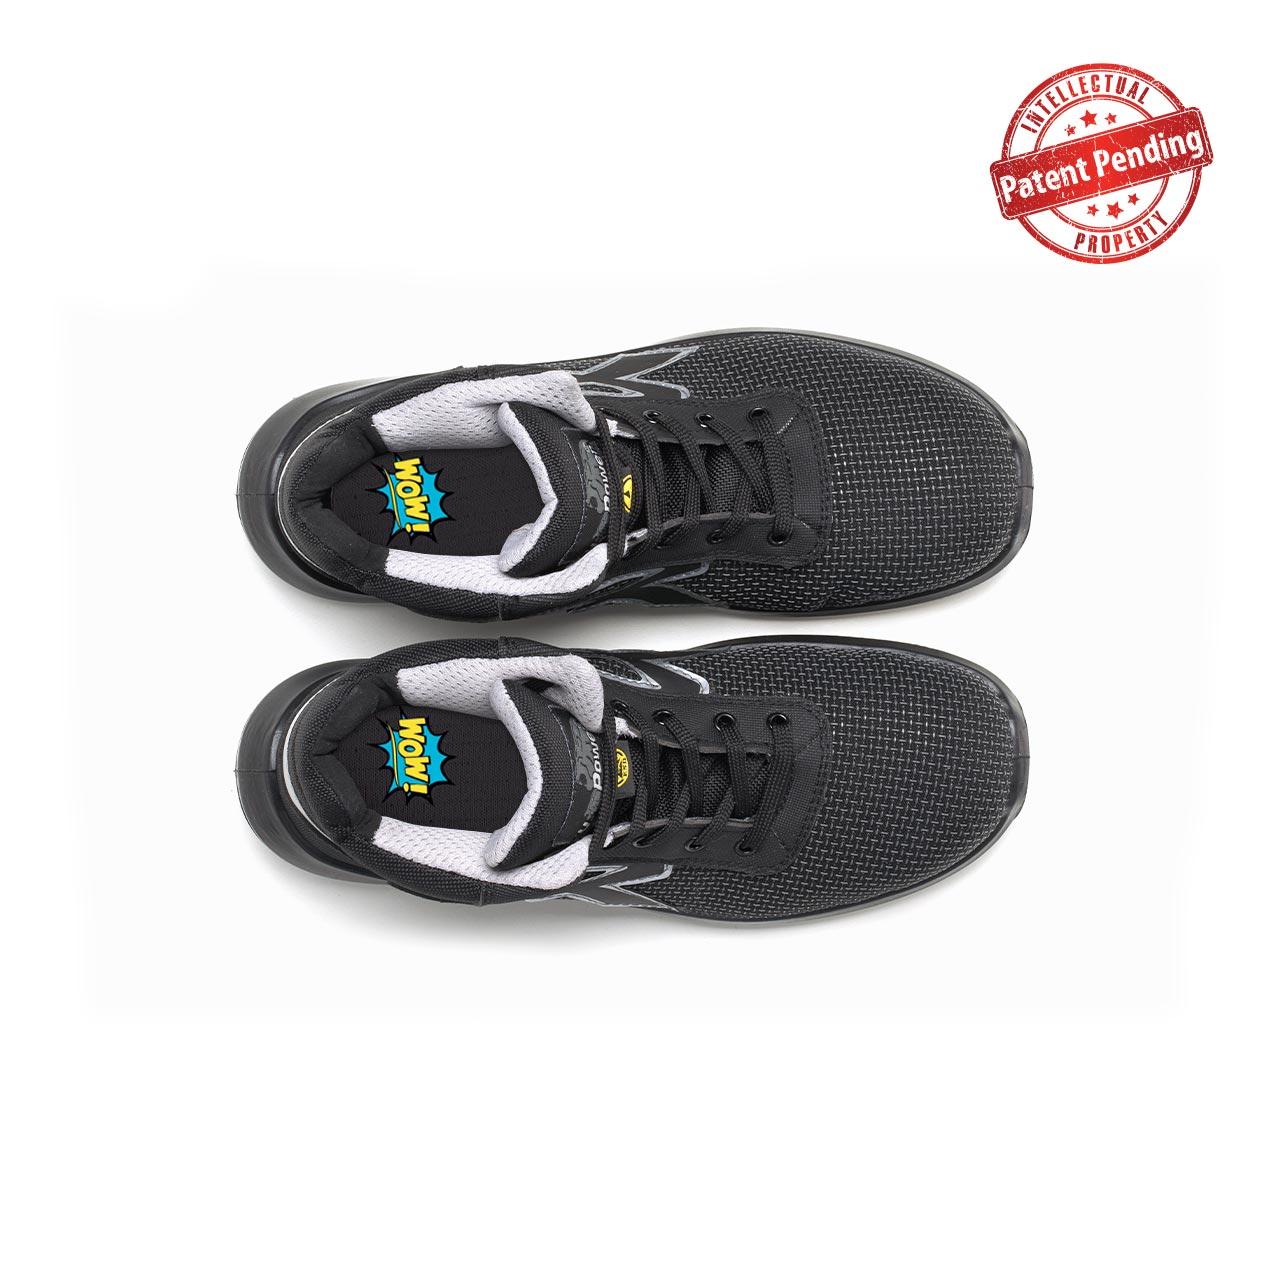 paio di scarpe antinfortunistiche alte upower modello velar linea redup vista top